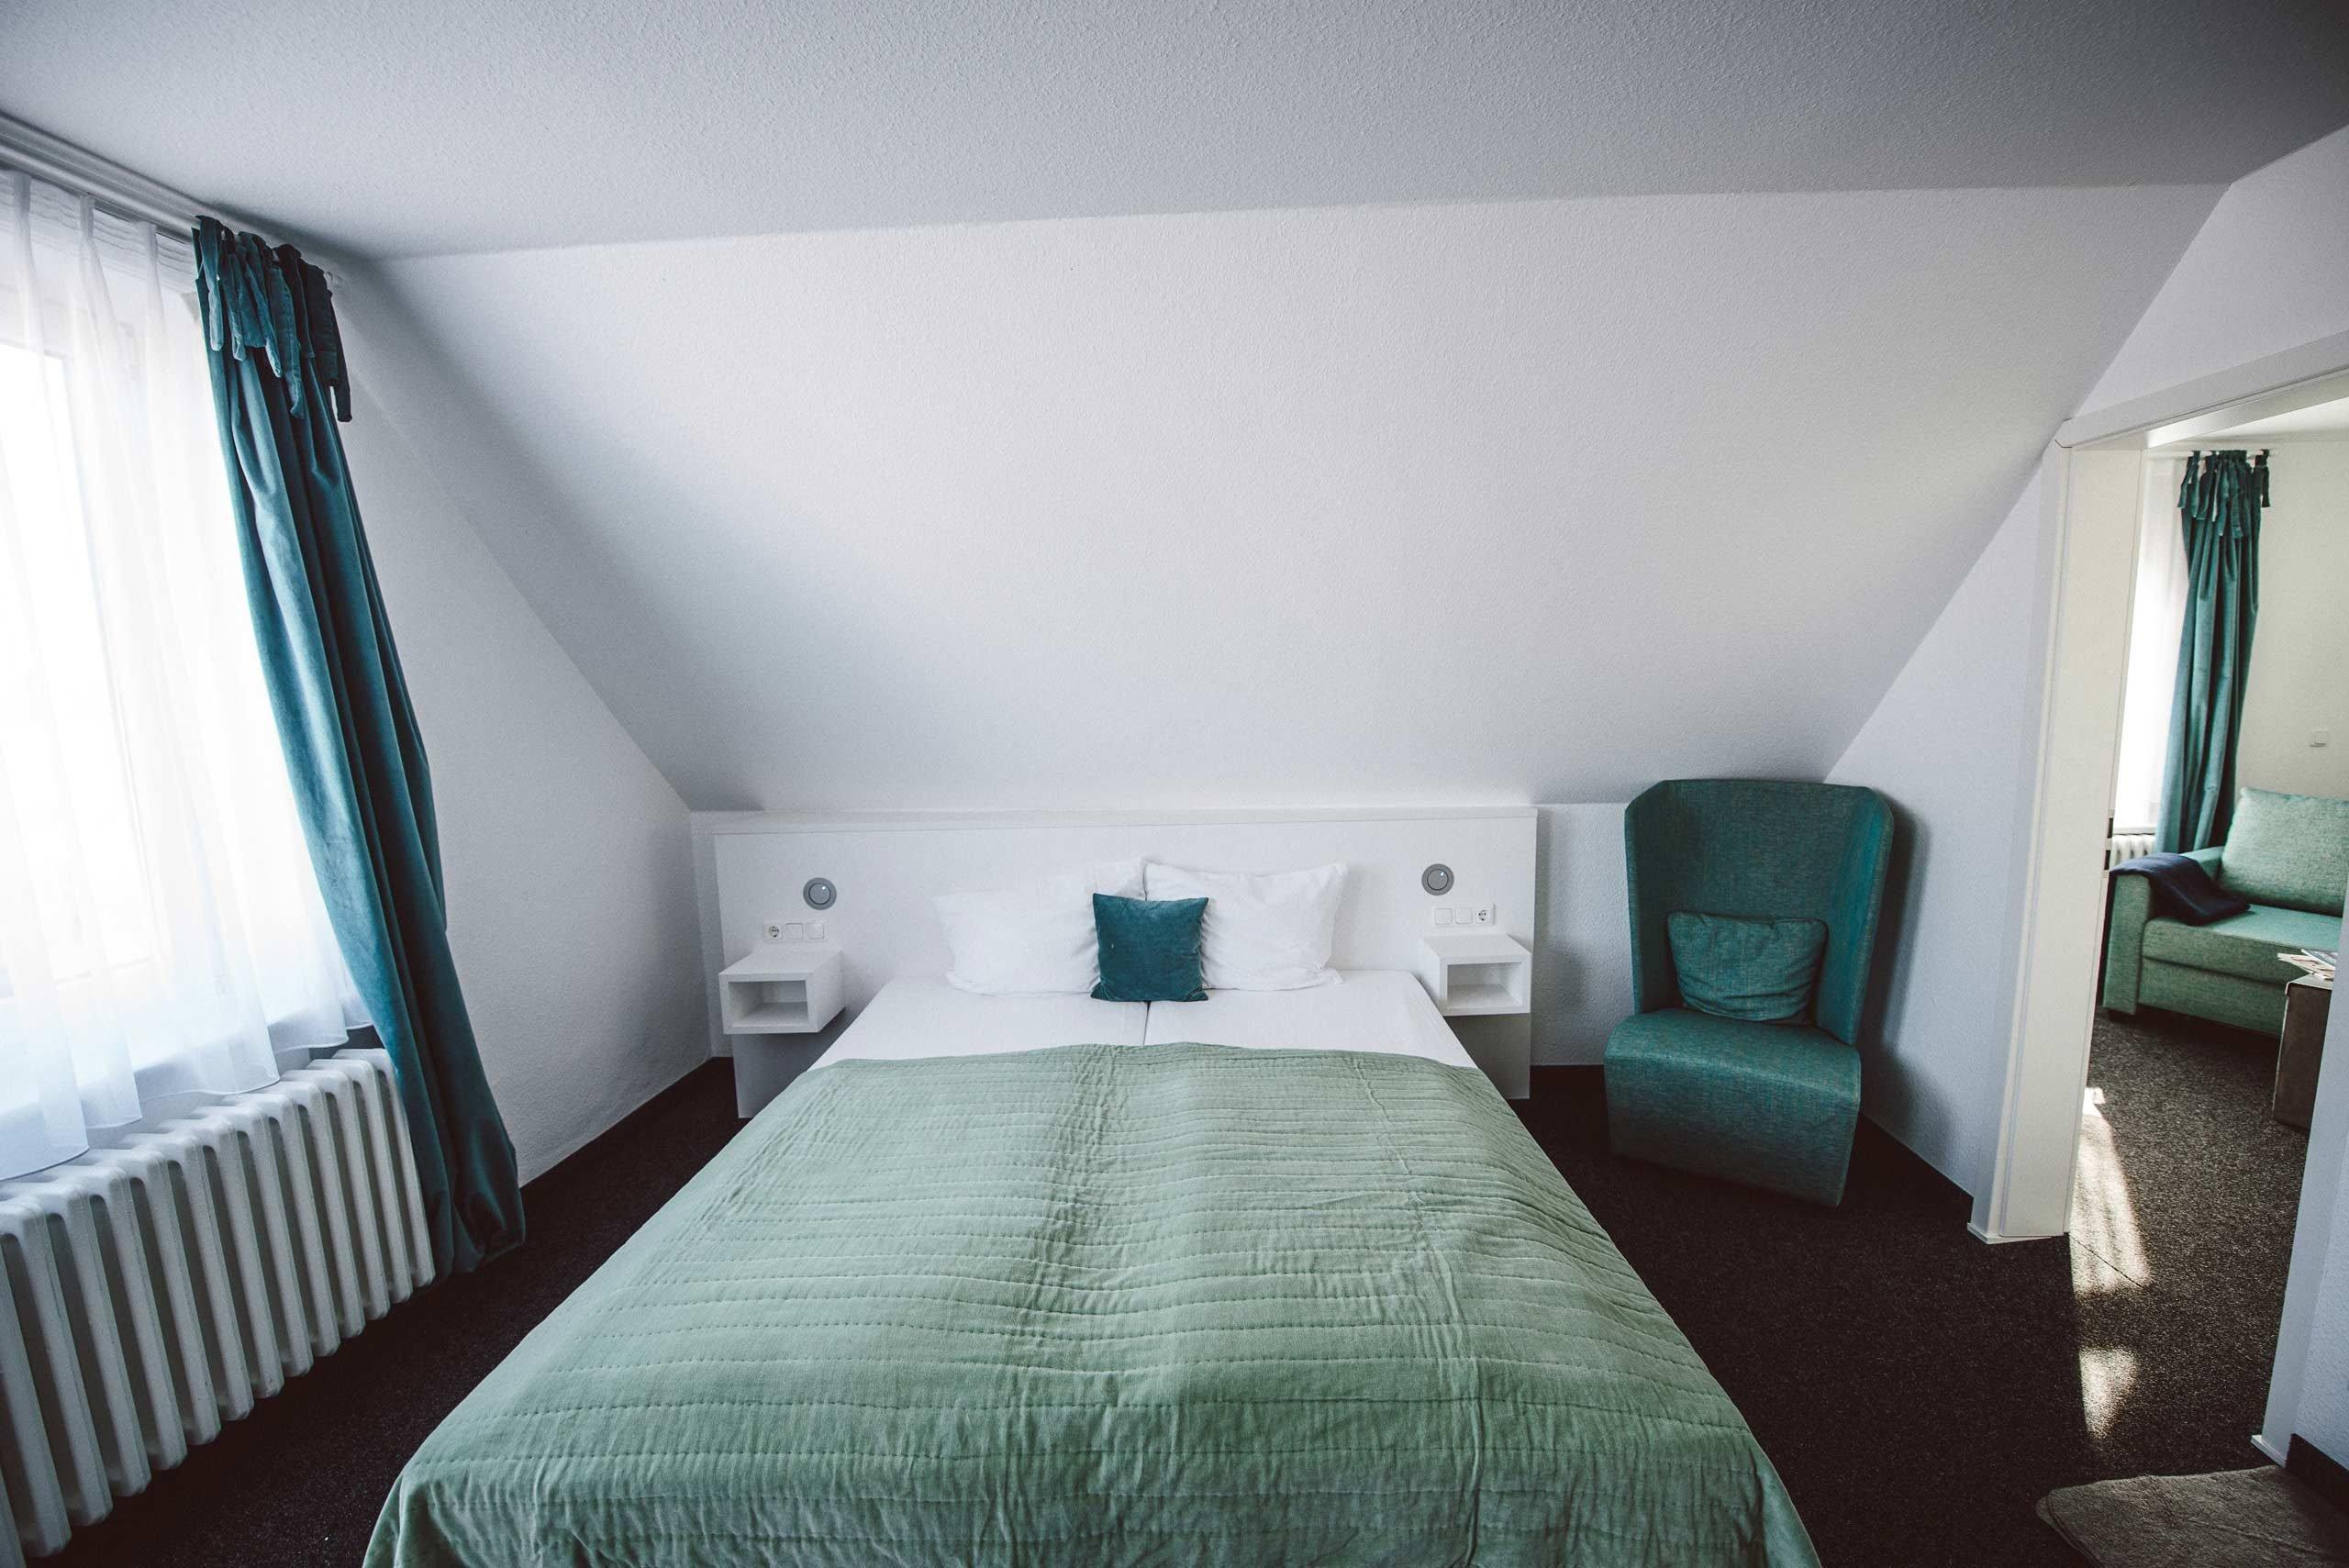 XL Zimmer: Die Juniorsuiten im meerzeit Hotel in Cuxhaven